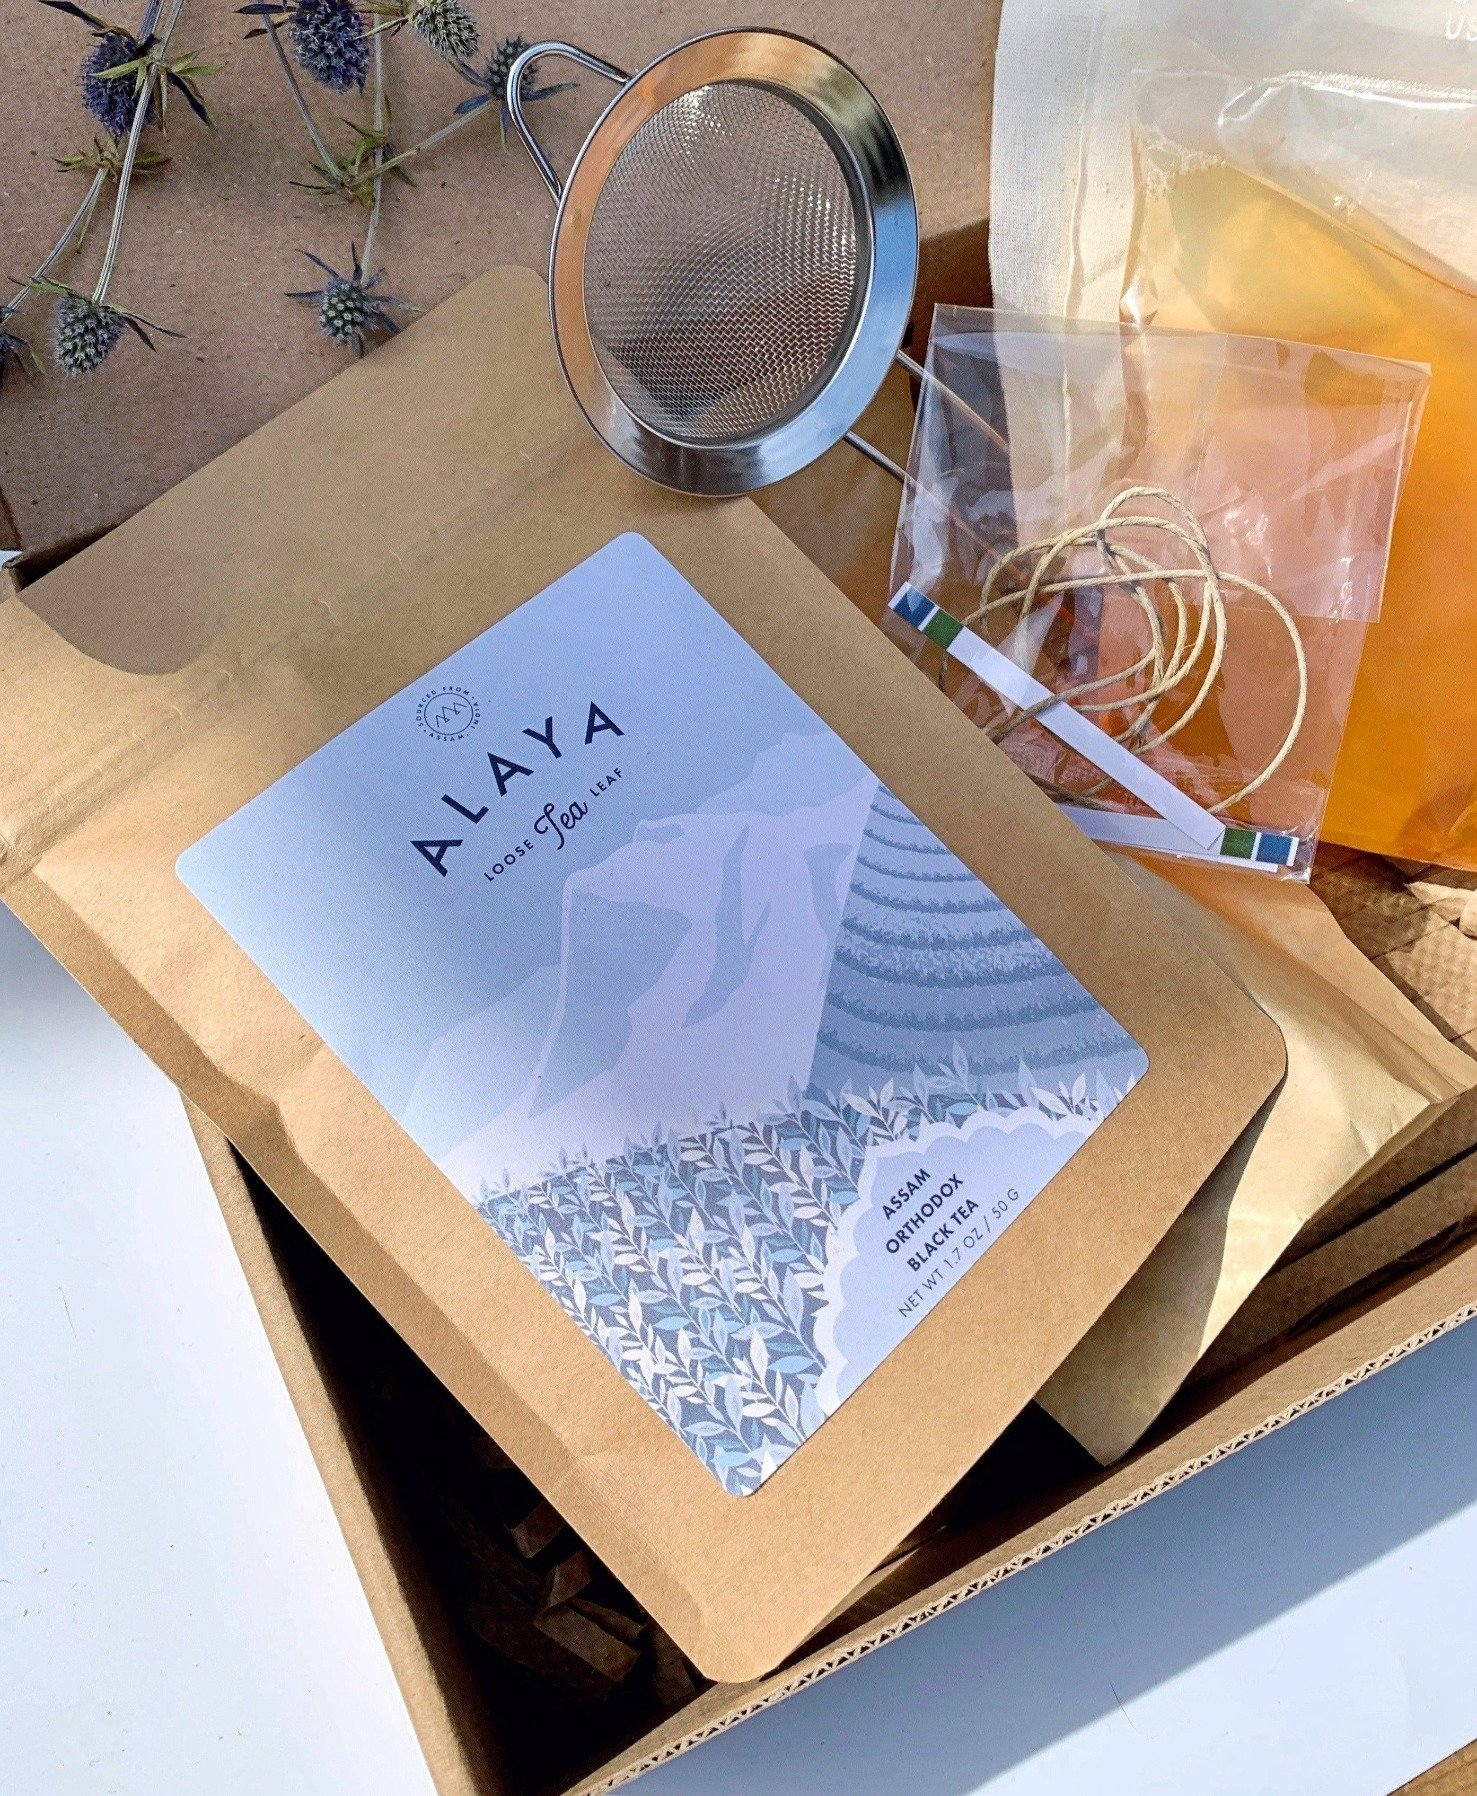 DIY Kombucha Kit from Alaya | AAPI-owned food gifts